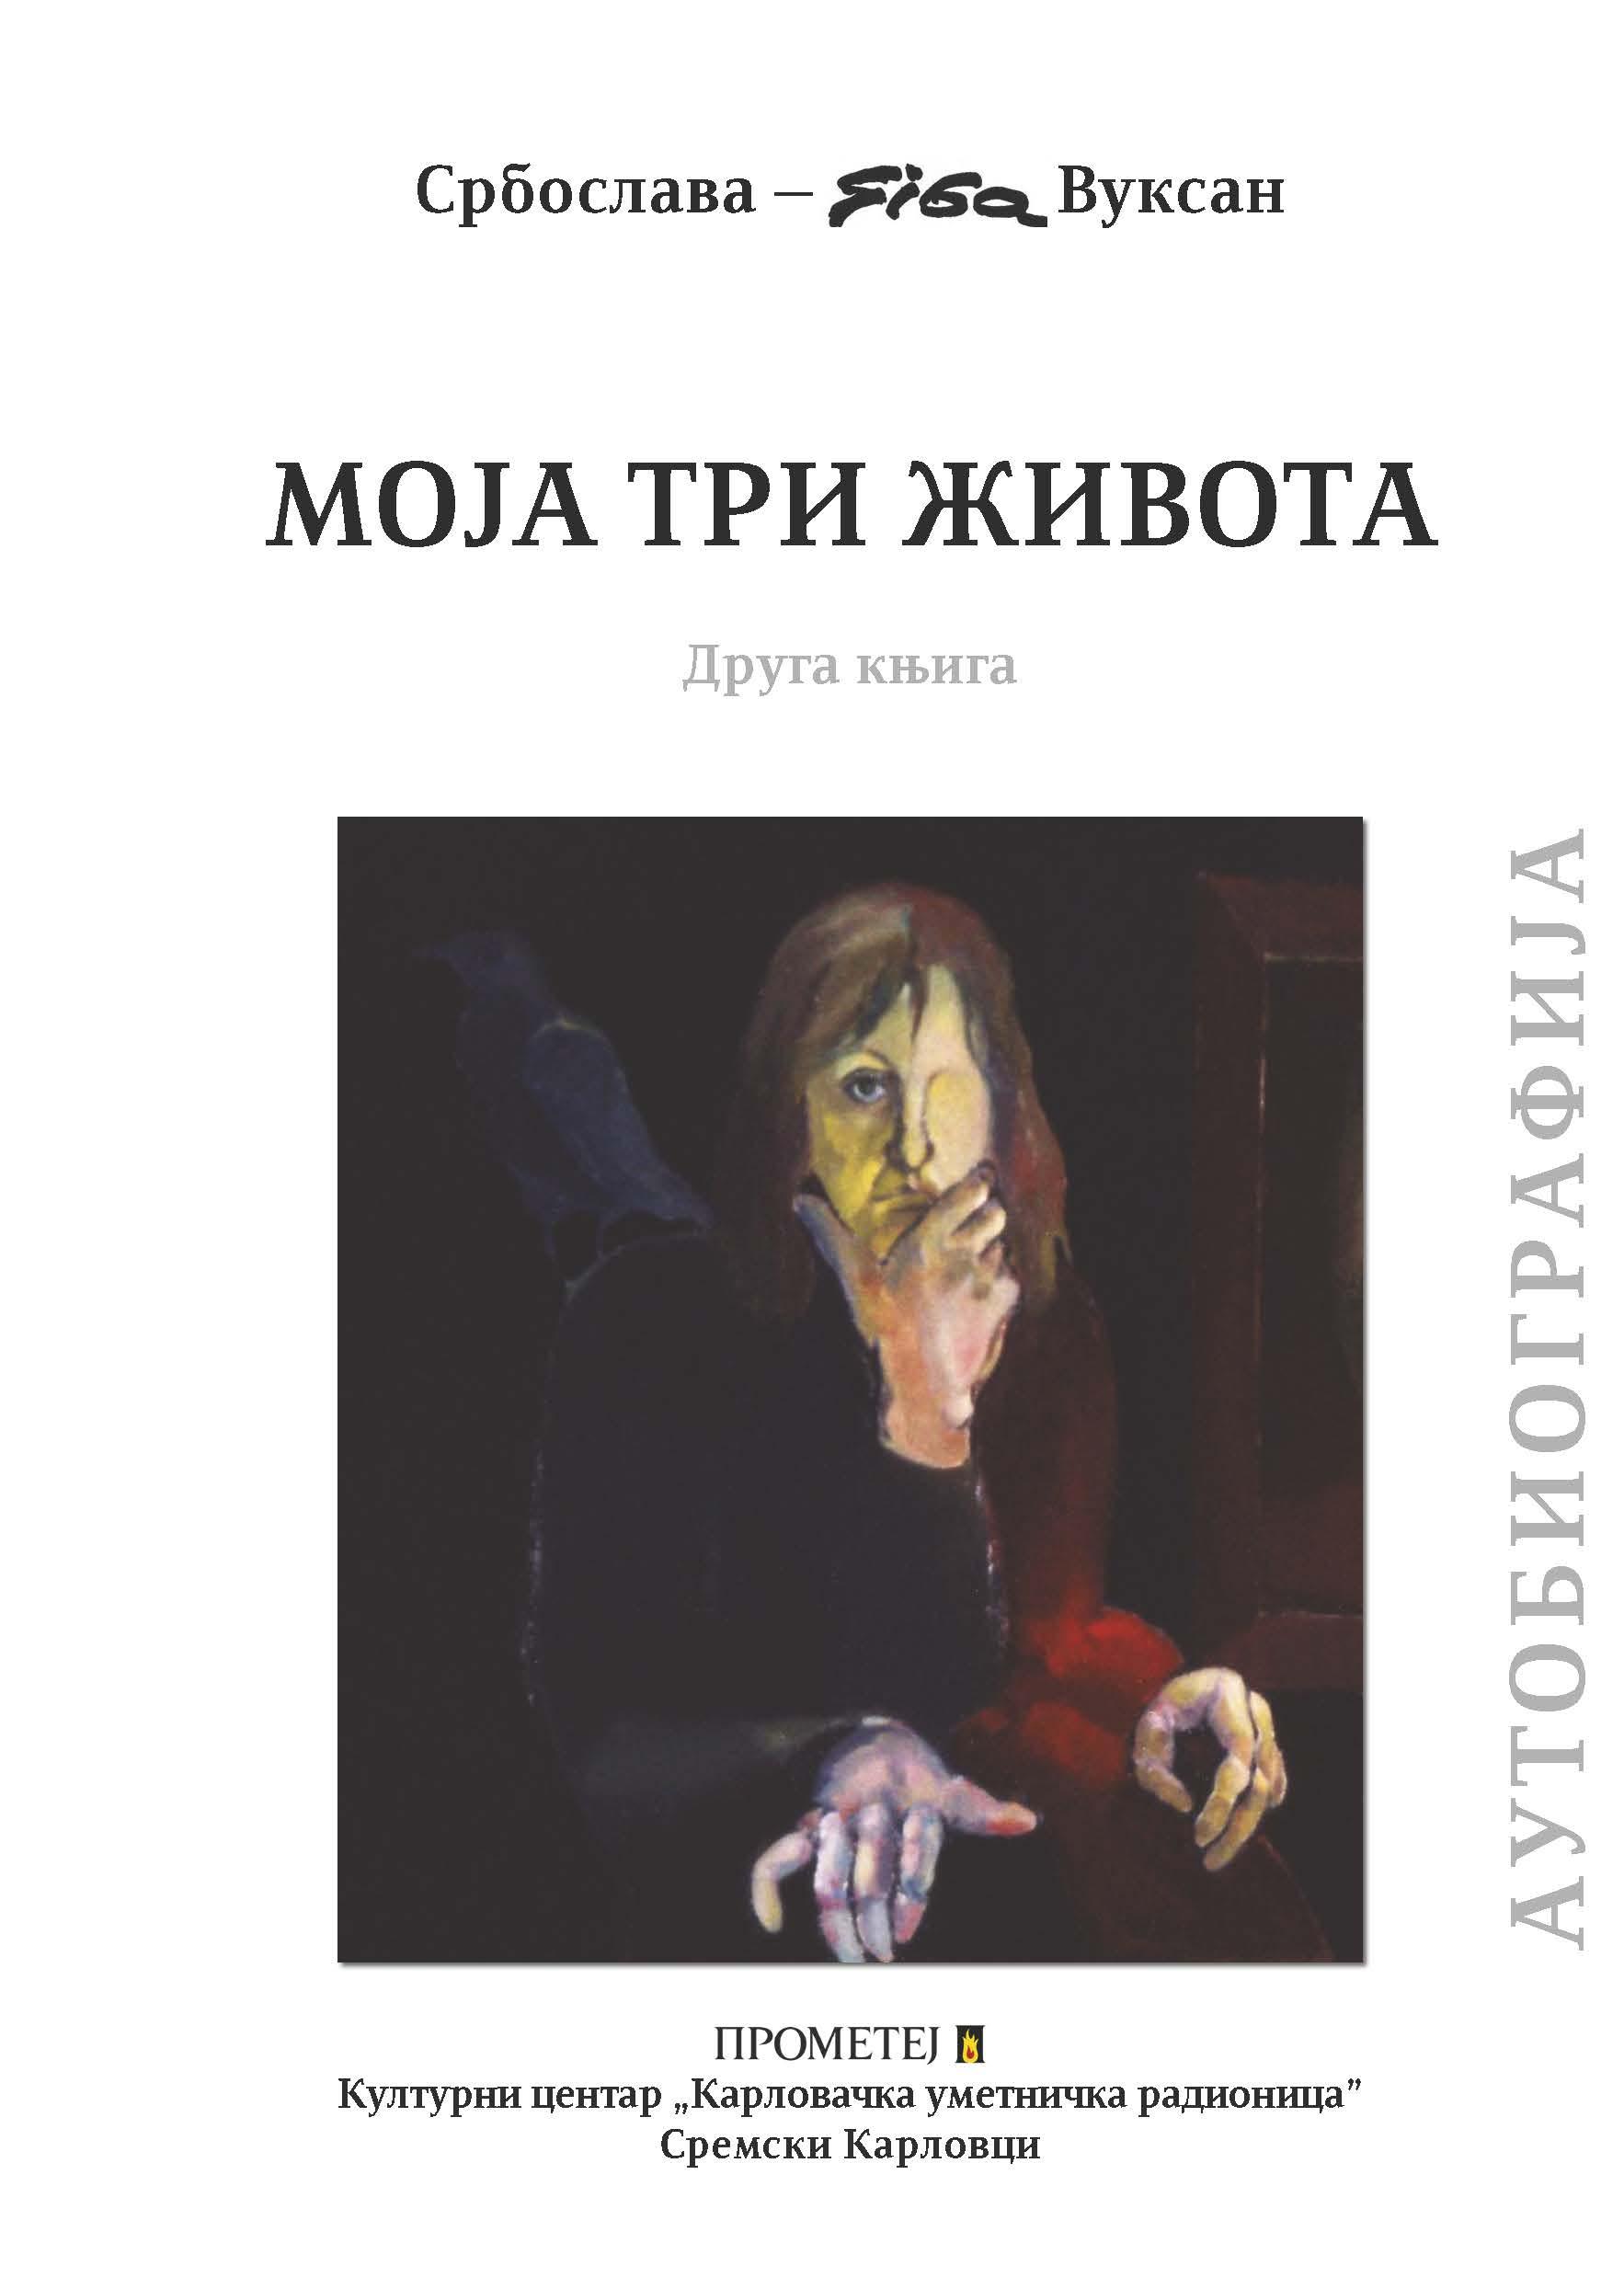 Moja tri života – knjiga druga